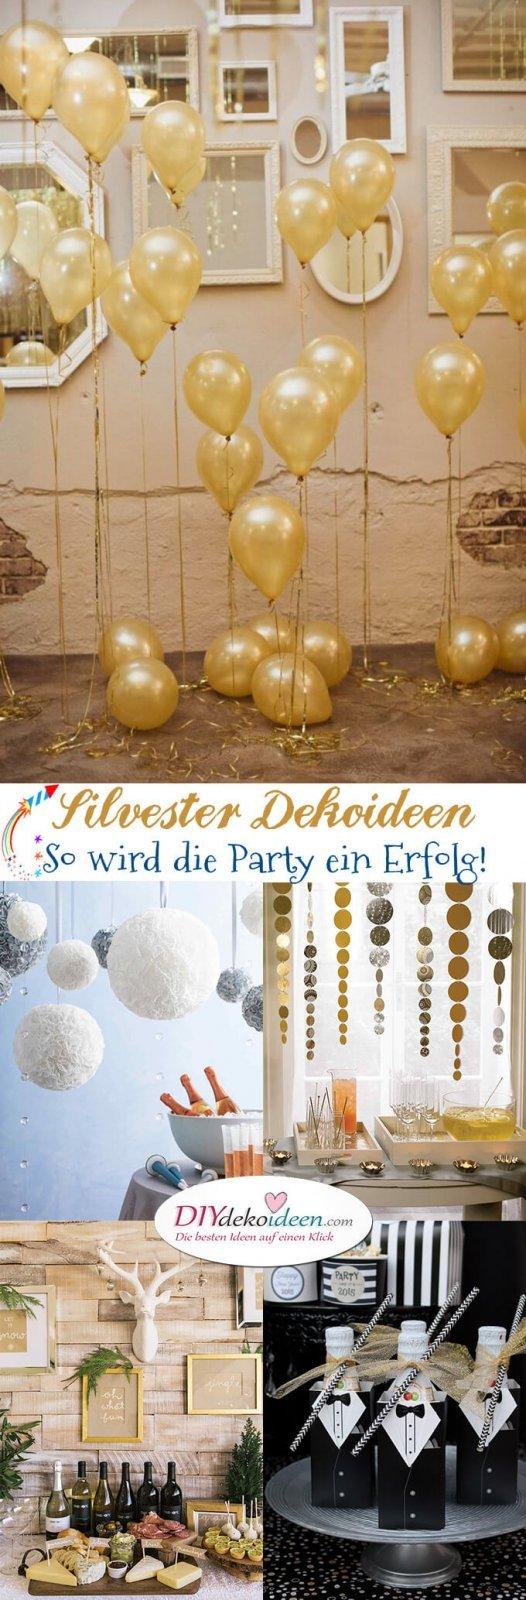 15 Silvester Dekoideen - Partydeko Ideen - Silvesterparty - DIY Dekoideen zum Selbermachen